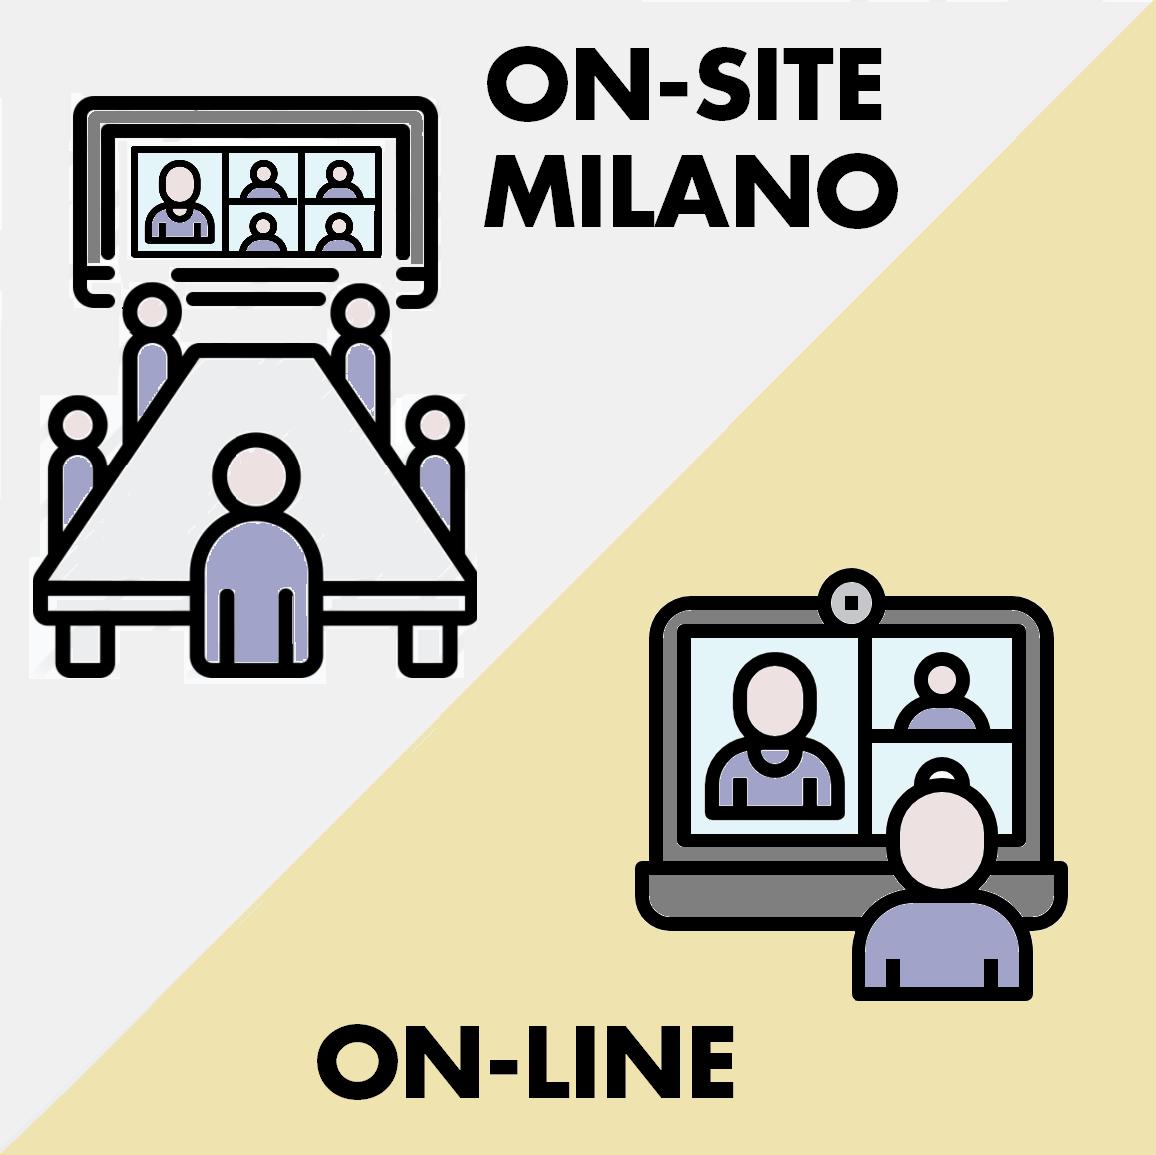 Milano + On-line